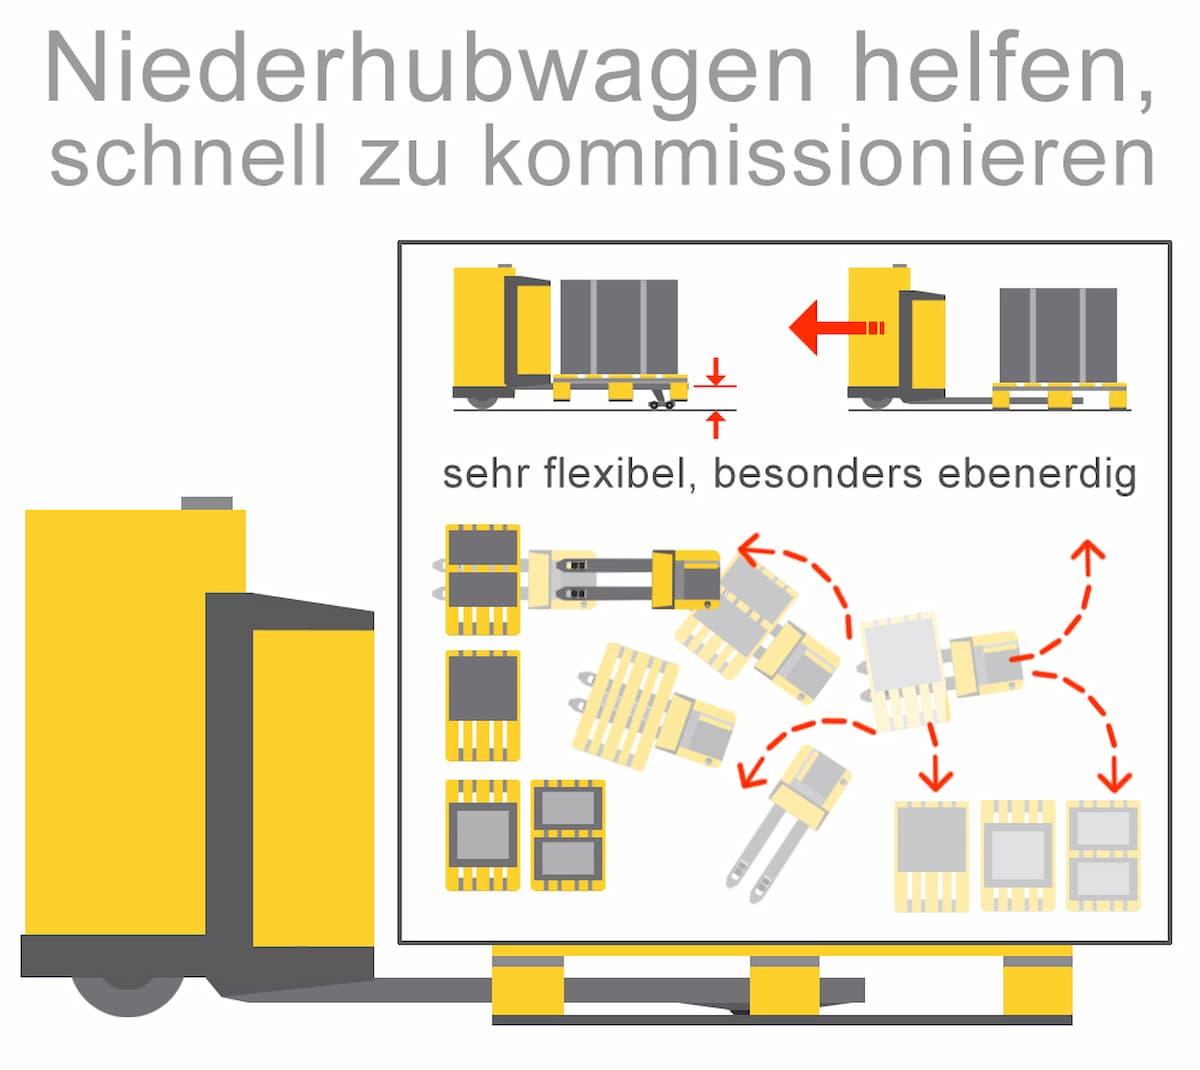 Elektrische Niederhubwagen helfen schnell zu kommisionieren